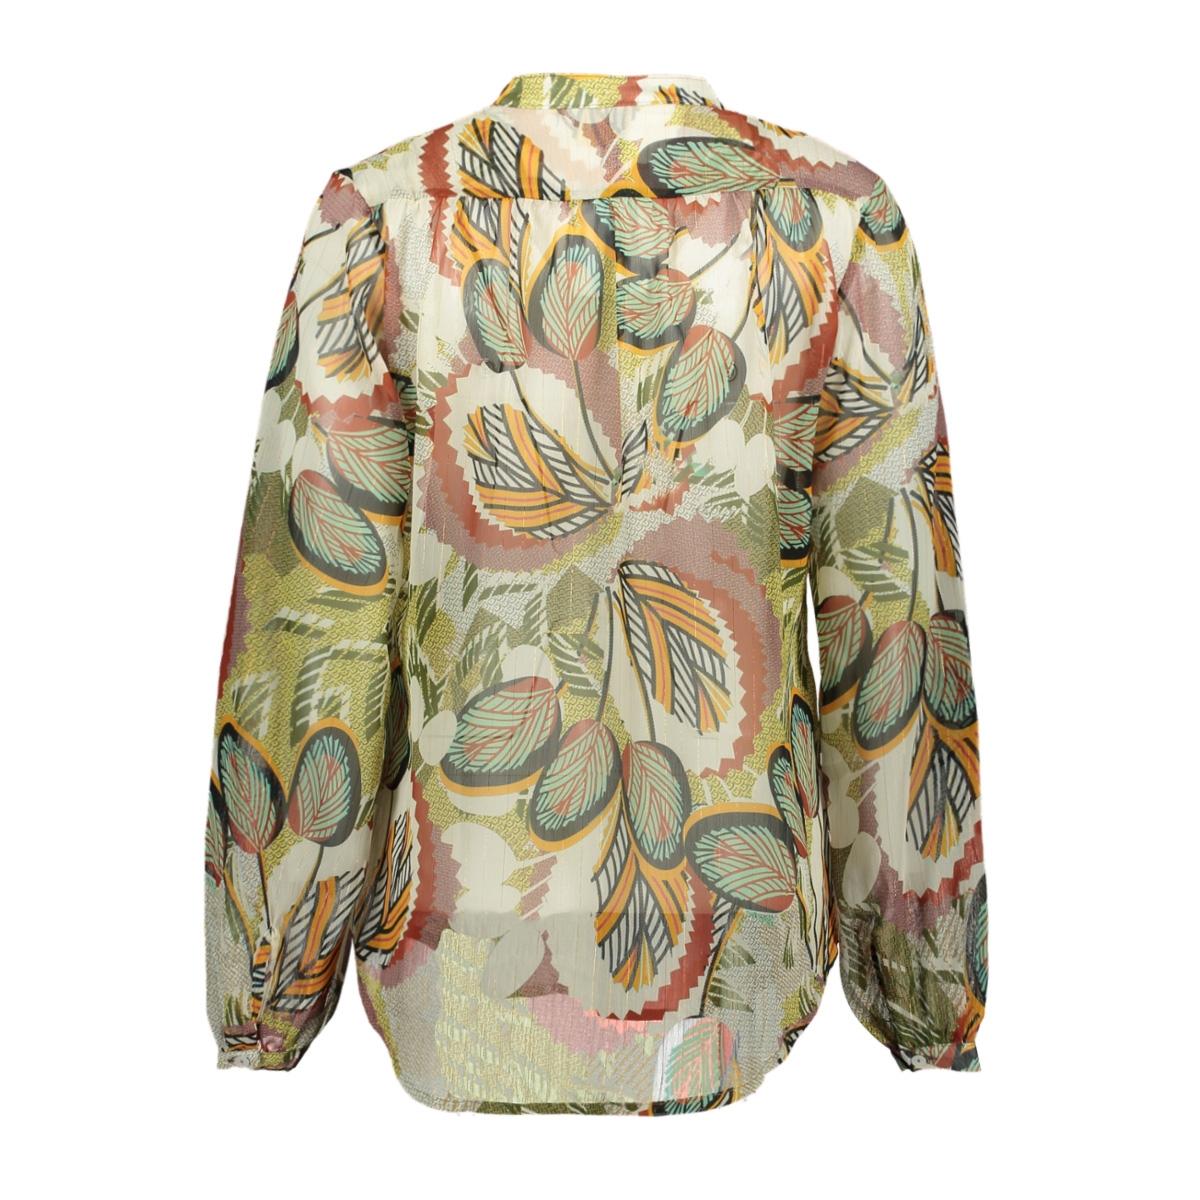 heda ls terra leaves ned blouse 608 terra